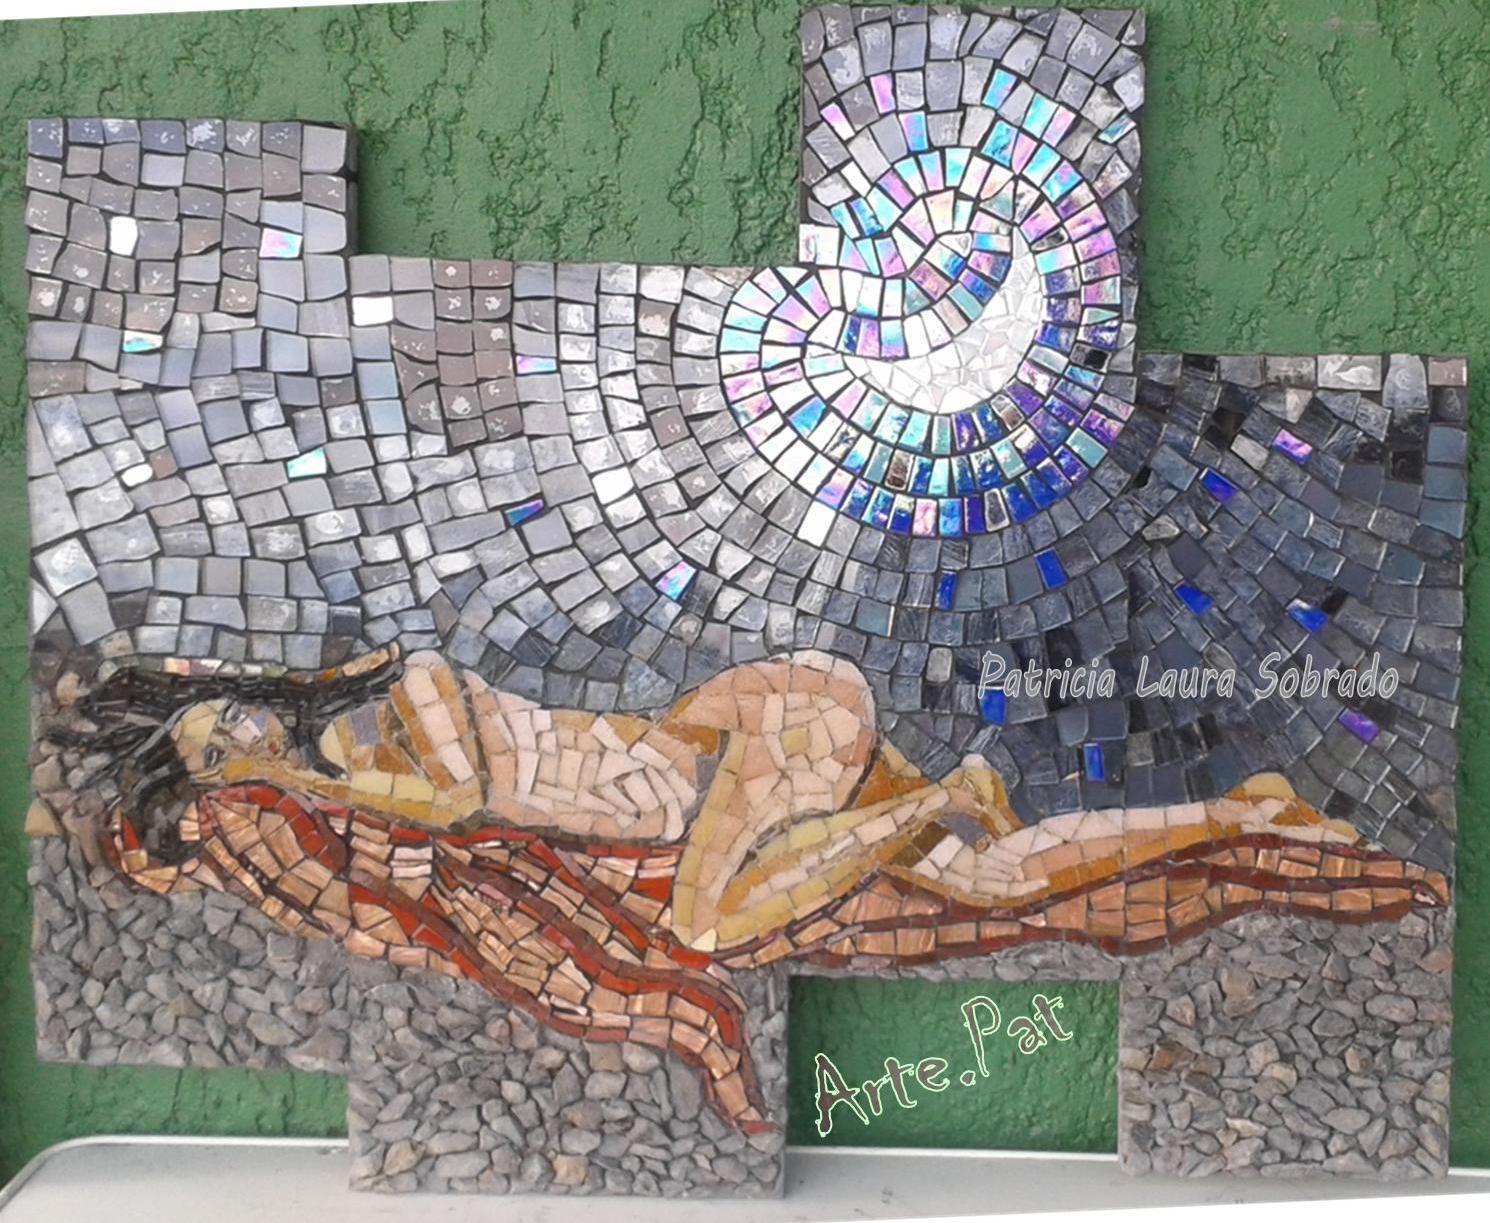 """""""DURMIENDO BAJO LA LUNA"""", Mosaiquismo, sobre MDF 70 cm, x 60 cm, venecitas, espejo, vidrios pintados y piedra. Realización Arte.Pat Patricia Laura Sobrado."""